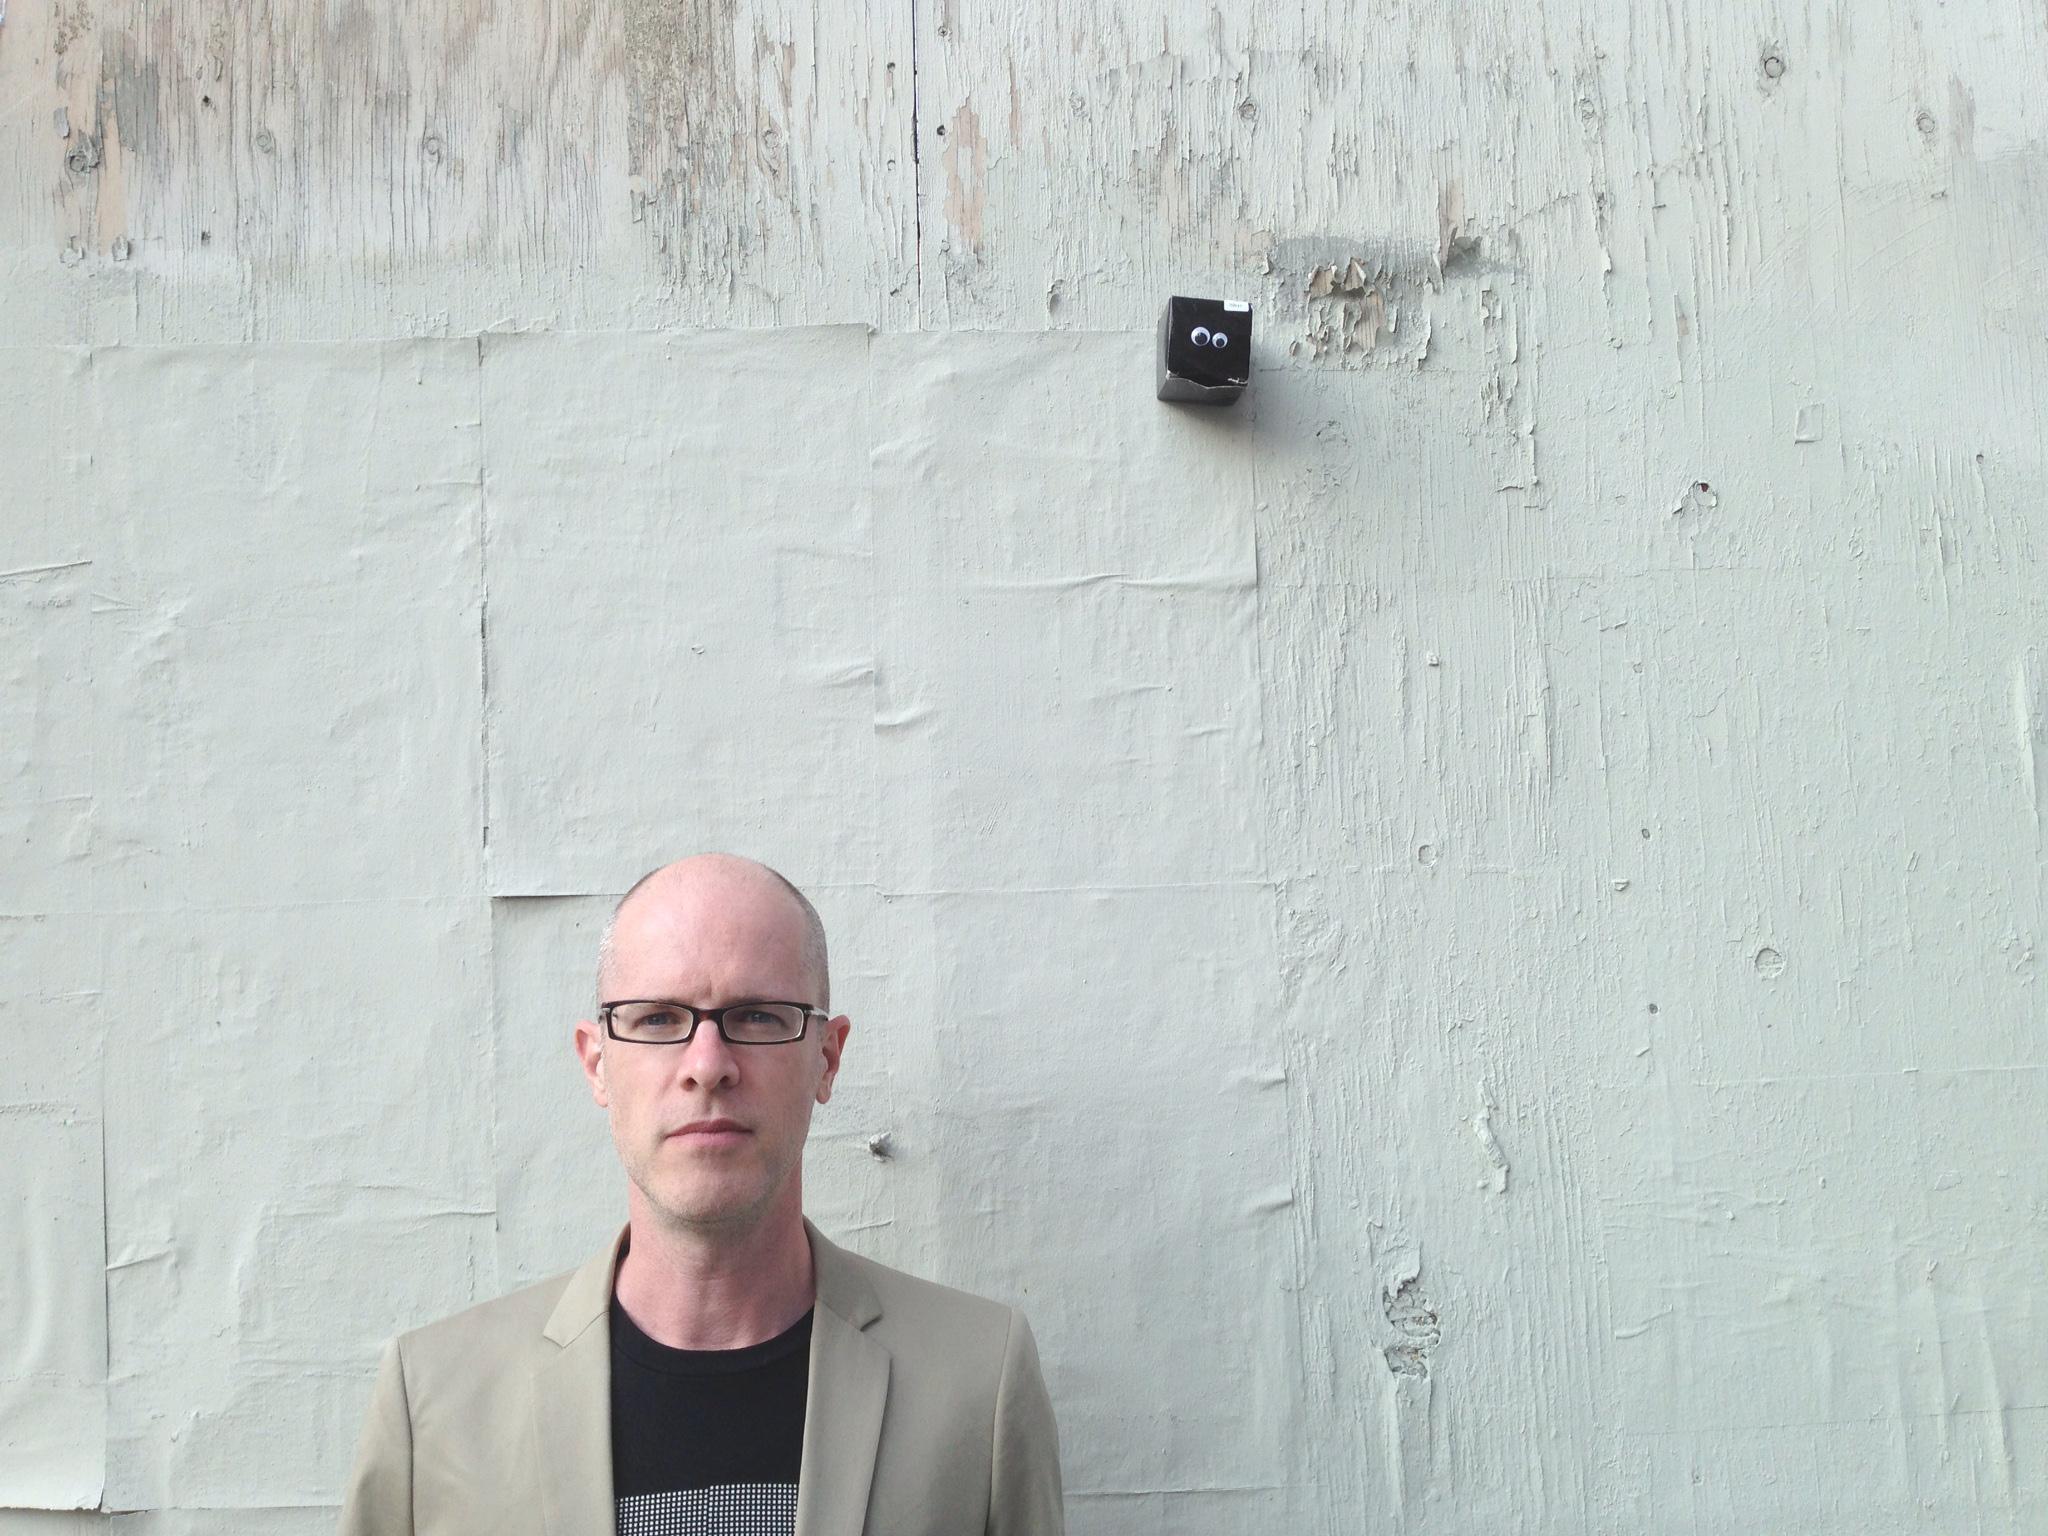 Richard Chartier, 2013. Photo credit: Robert Eckhardt